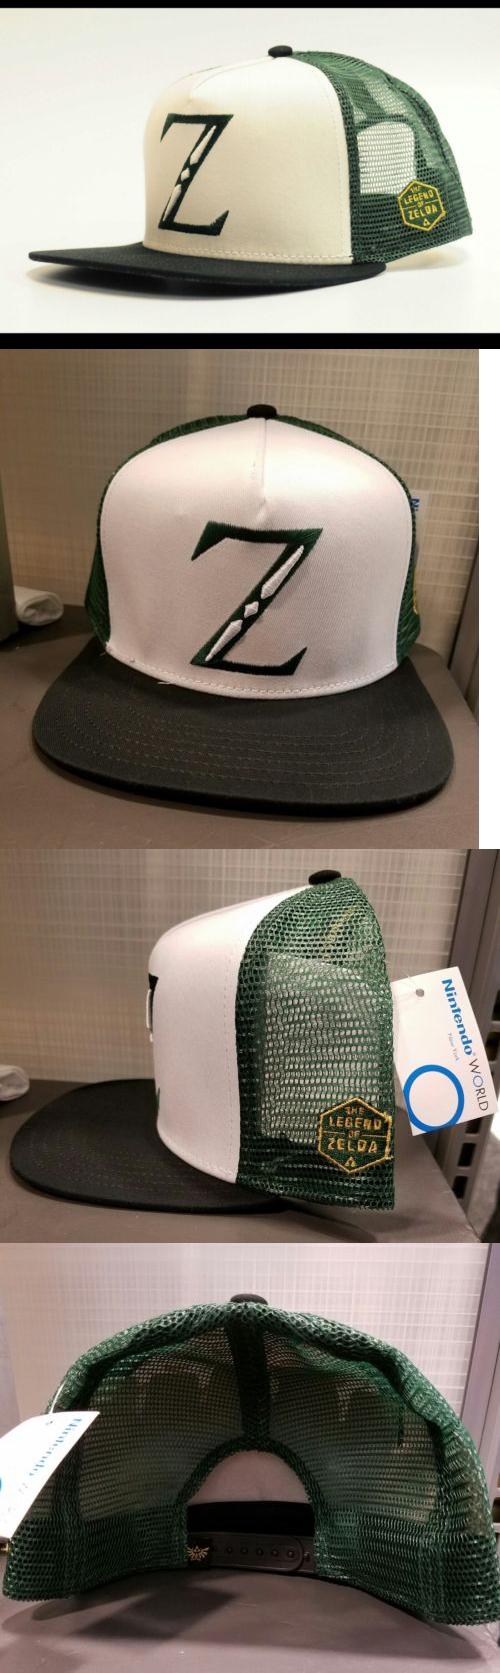 5a83c71c3 Hats 163543: The Legend Of Zelda Trucker Hat Snapback Adjustable ...